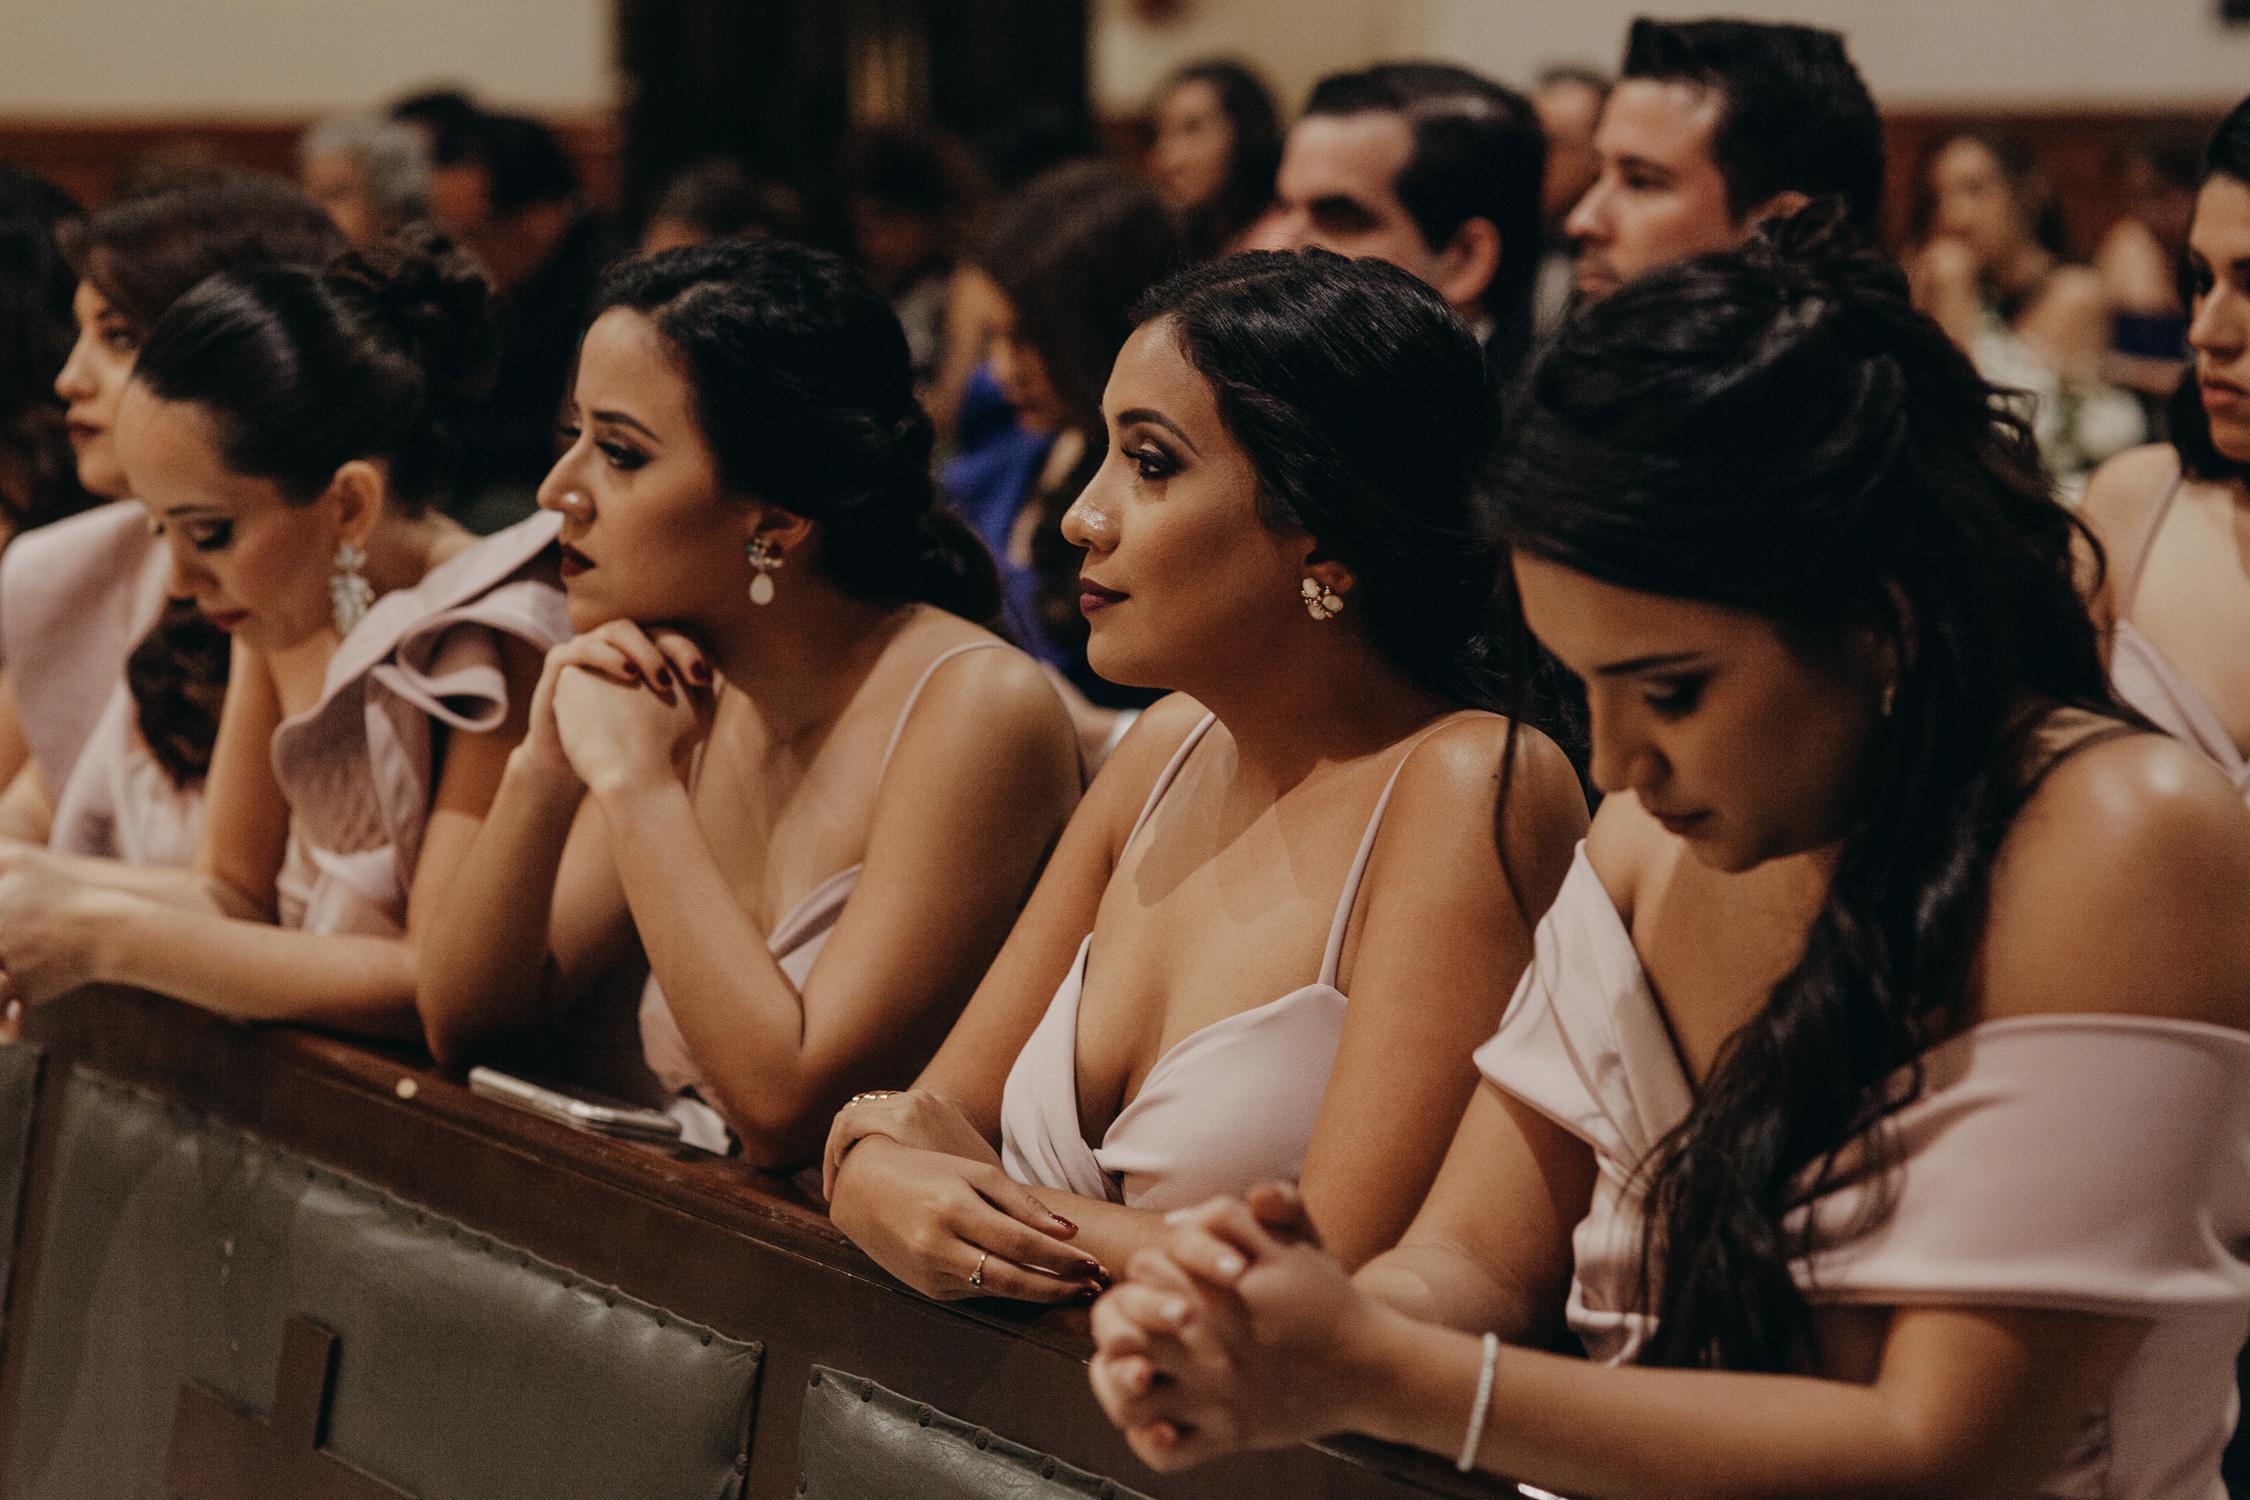 Michelle-Agurto-Fotografia-Bodas-Ecuador-Destination-Wedding-Photographer-Patricia-Guido-112.JPG